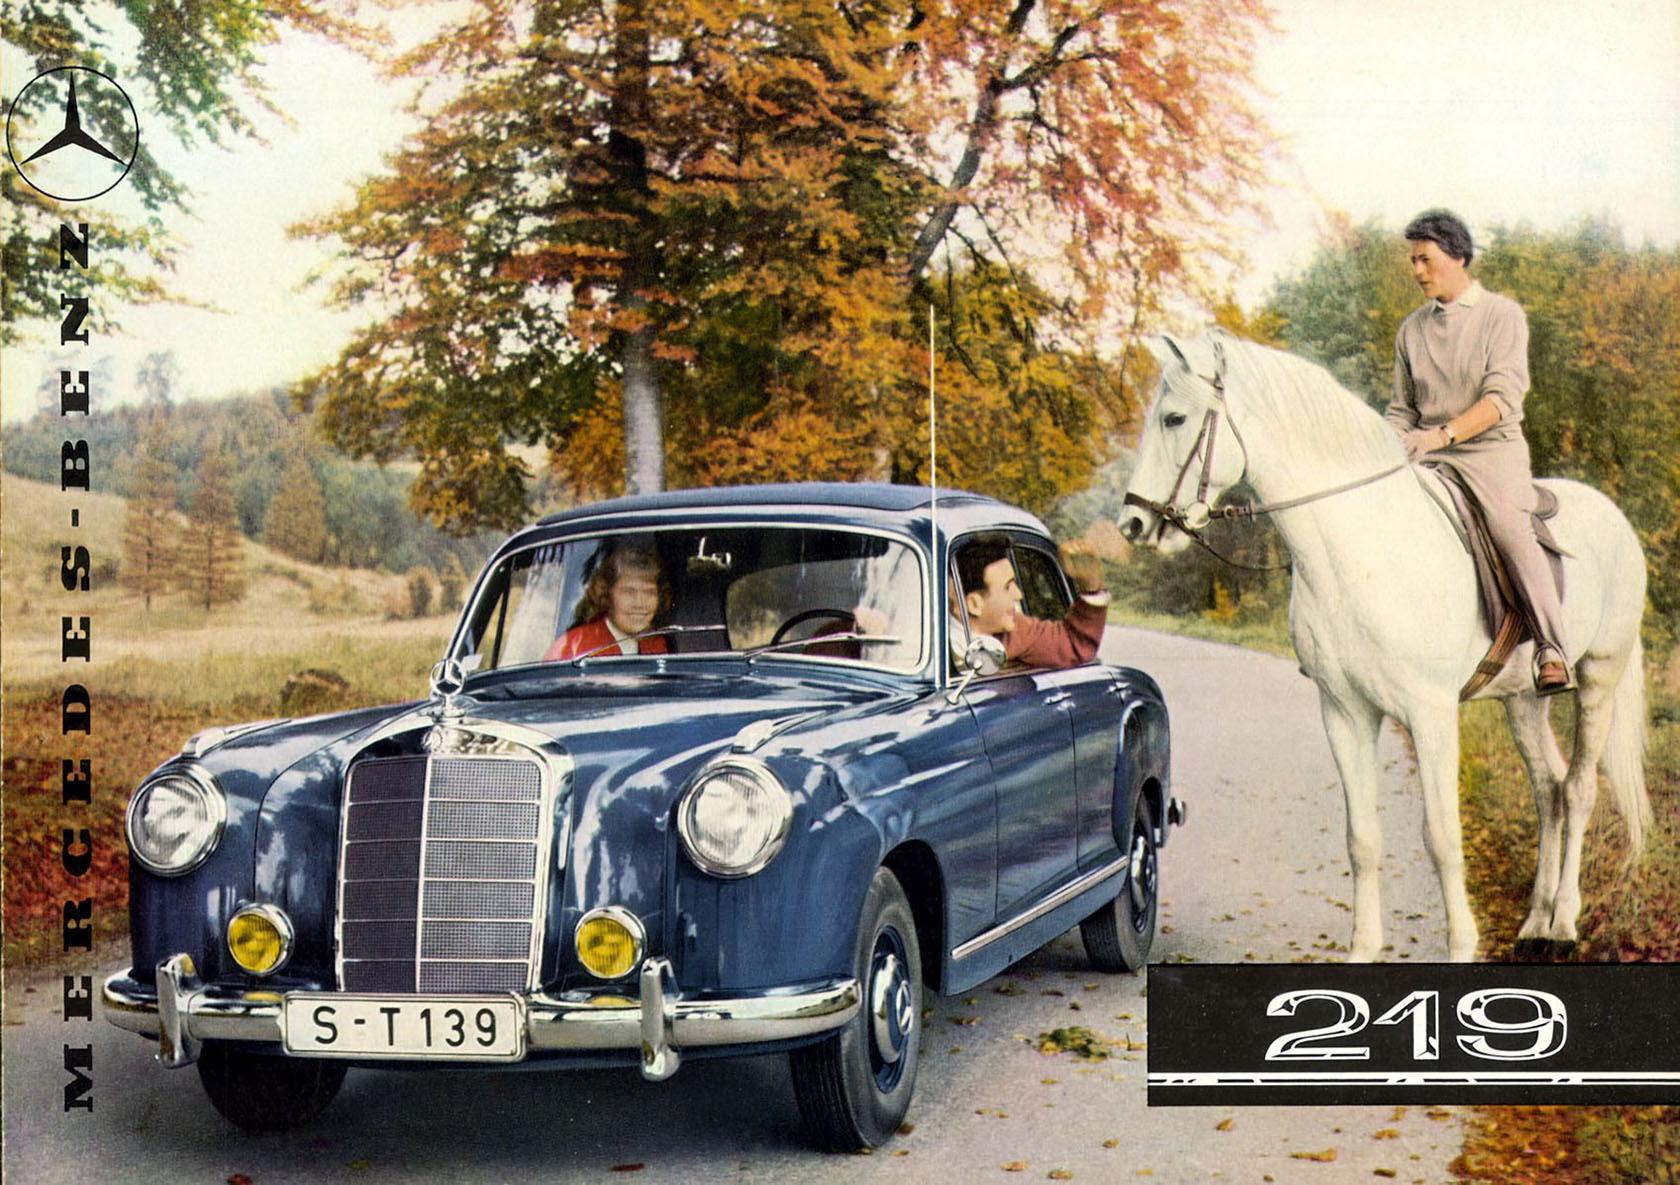 Mercedes Benz 219 Restoration Chassis Thinner Spies Hecker 1 Liter